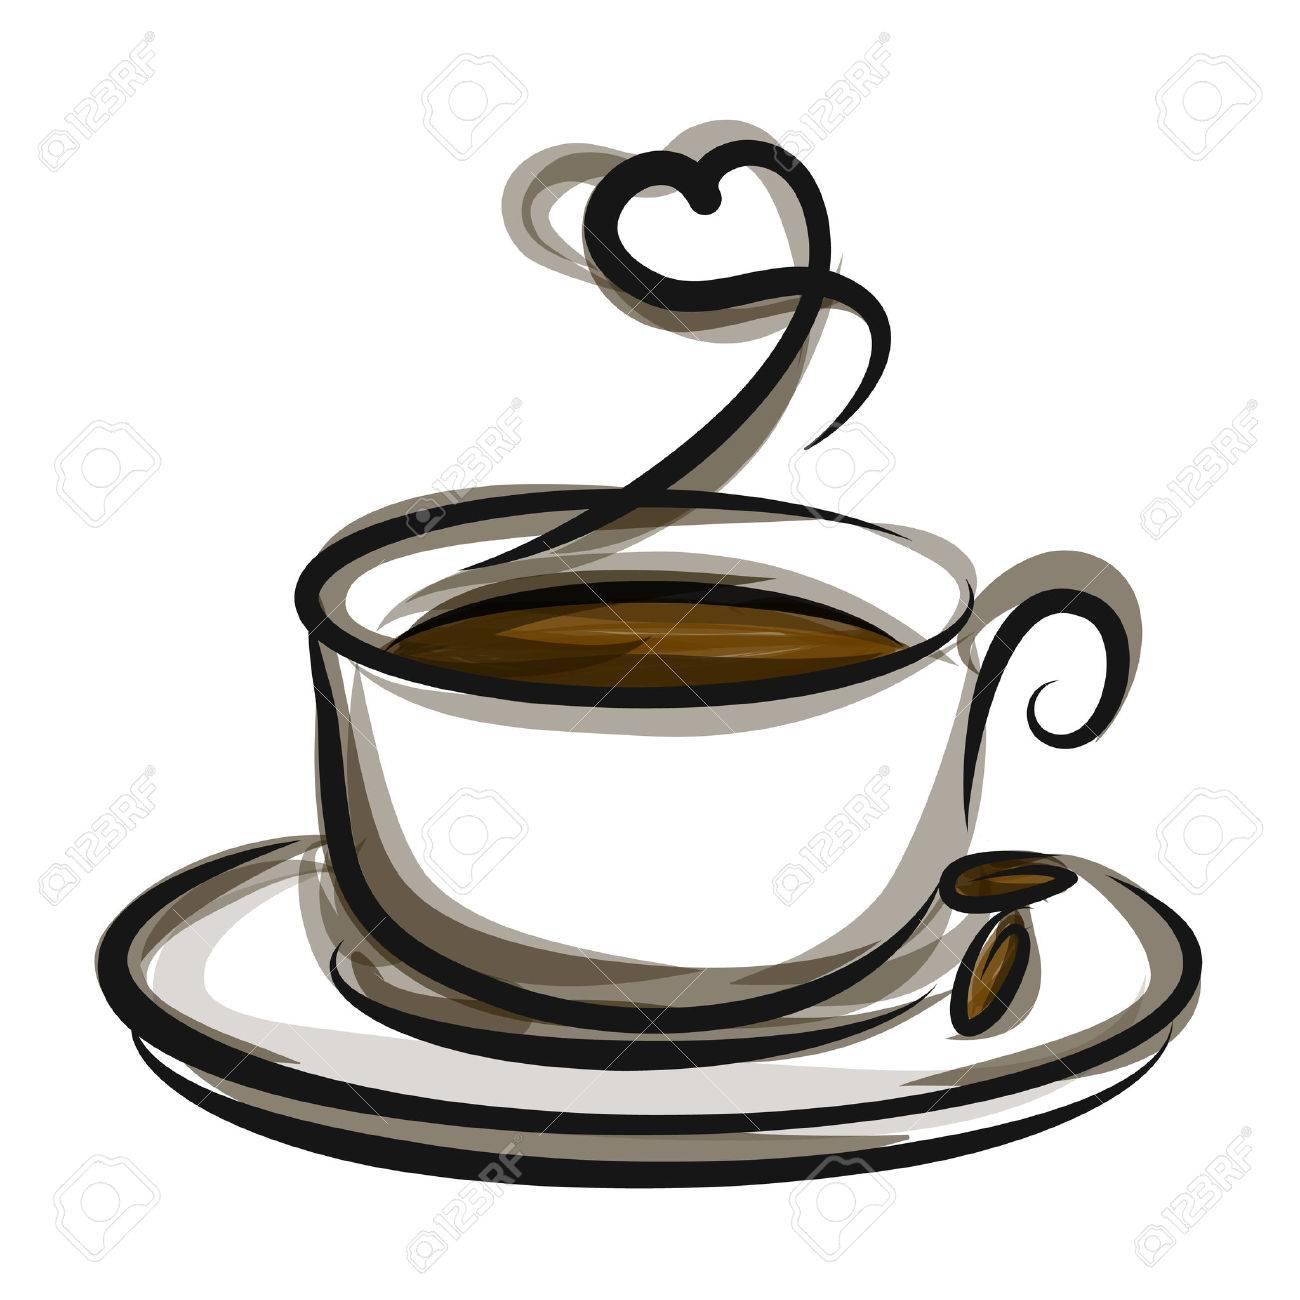 コーヒー イラストのイラスト素材ベクタ Image 49252385